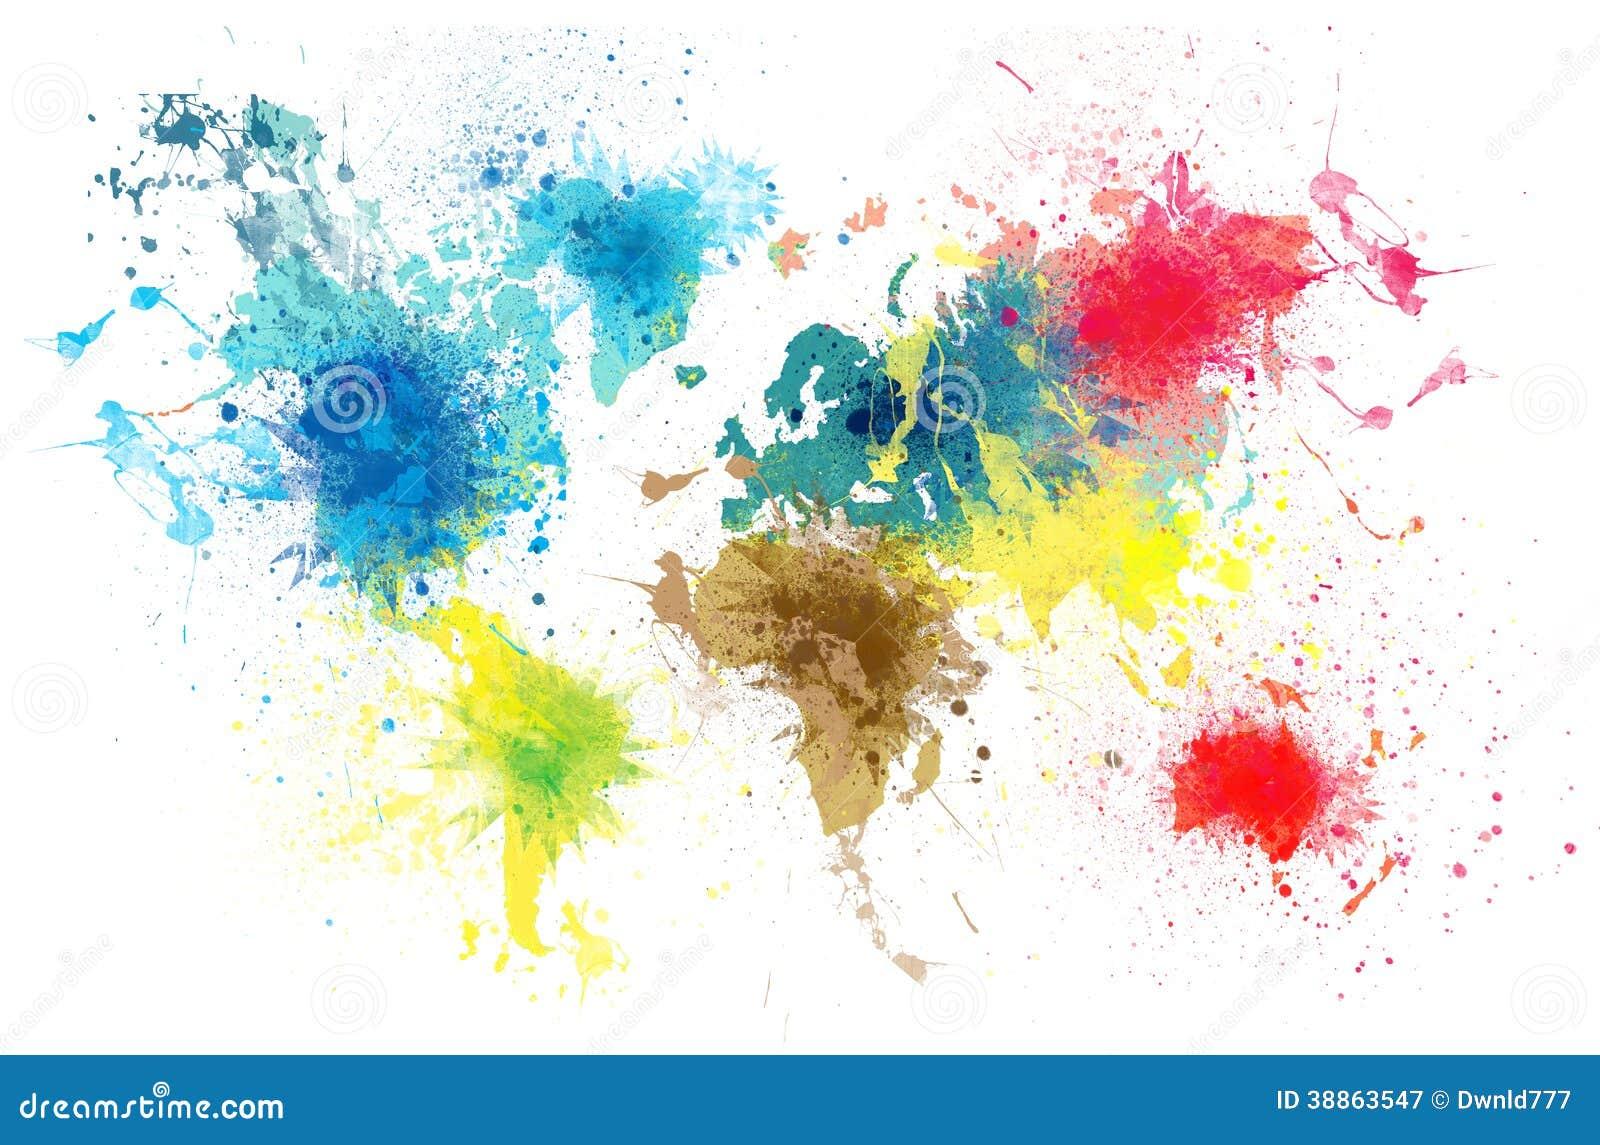 weltkarte mit farbe spritzt stock abbildung illustration von farbe exemplar 38863547. Black Bedroom Furniture Sets. Home Design Ideas